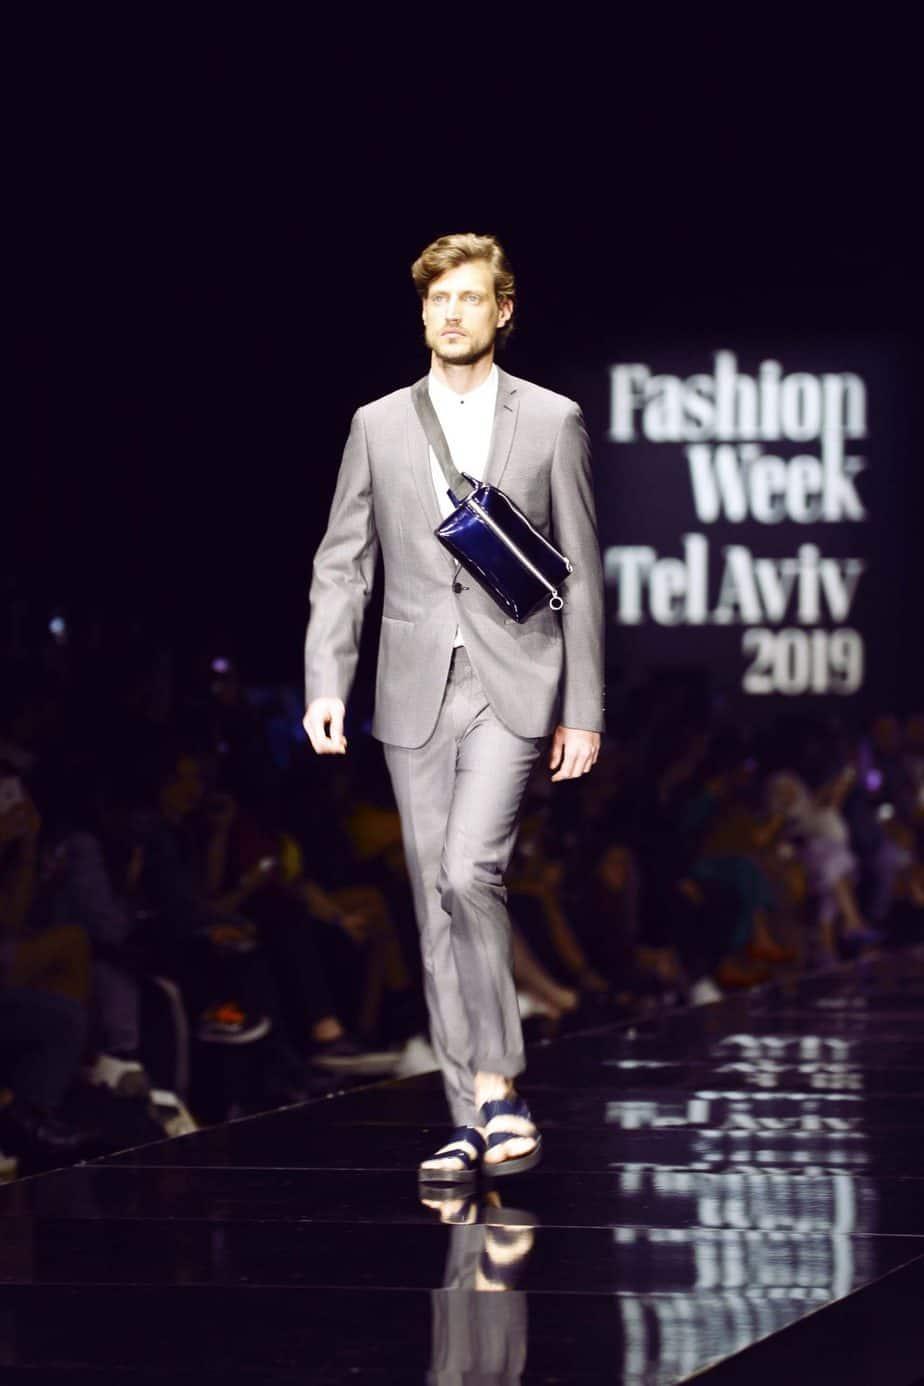 באמוס סקוור, שבוע האופנה תל אביב 2019. צילום עומר רביבי - 1